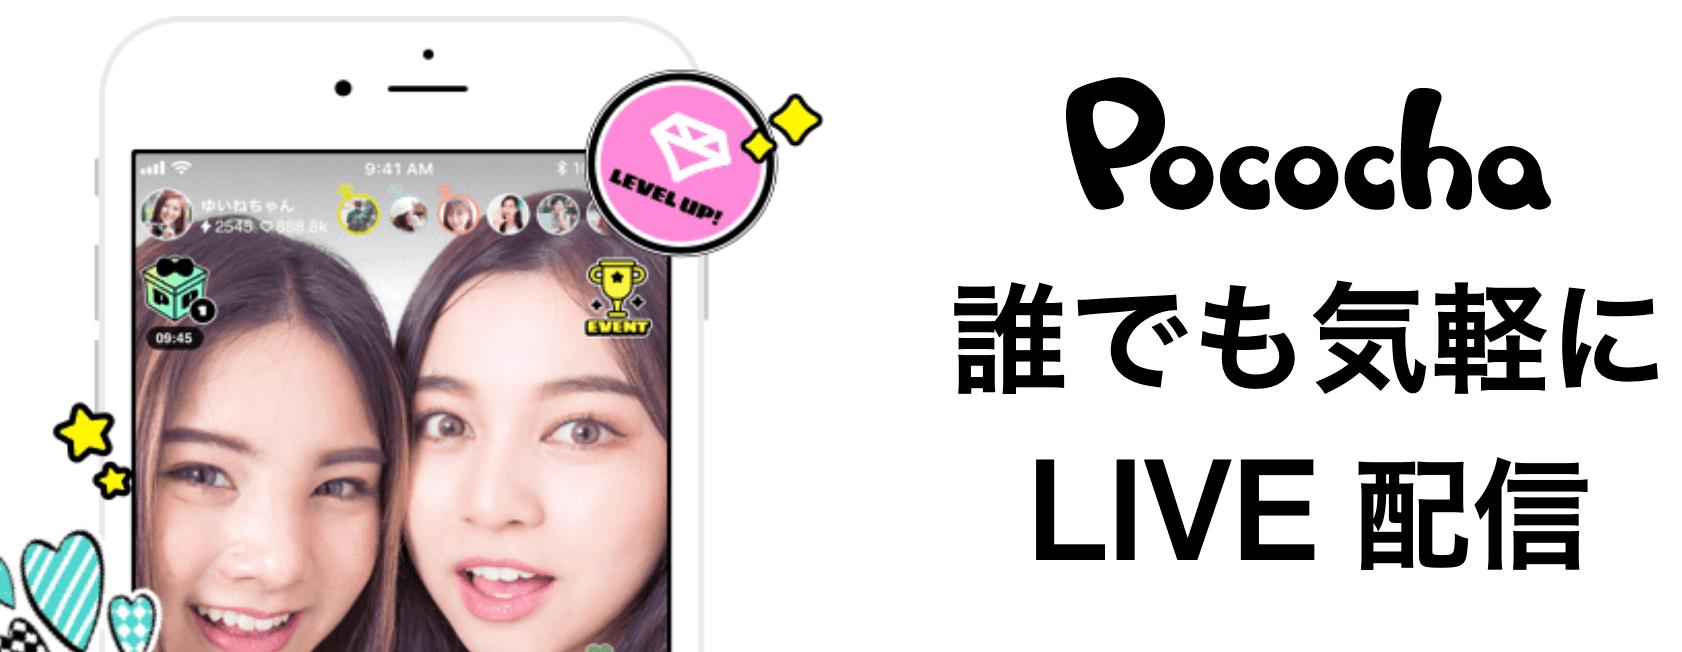 Pococha Live(ポコチャ)とは?使い方や稼ぐ方法について調べてみた【PR】